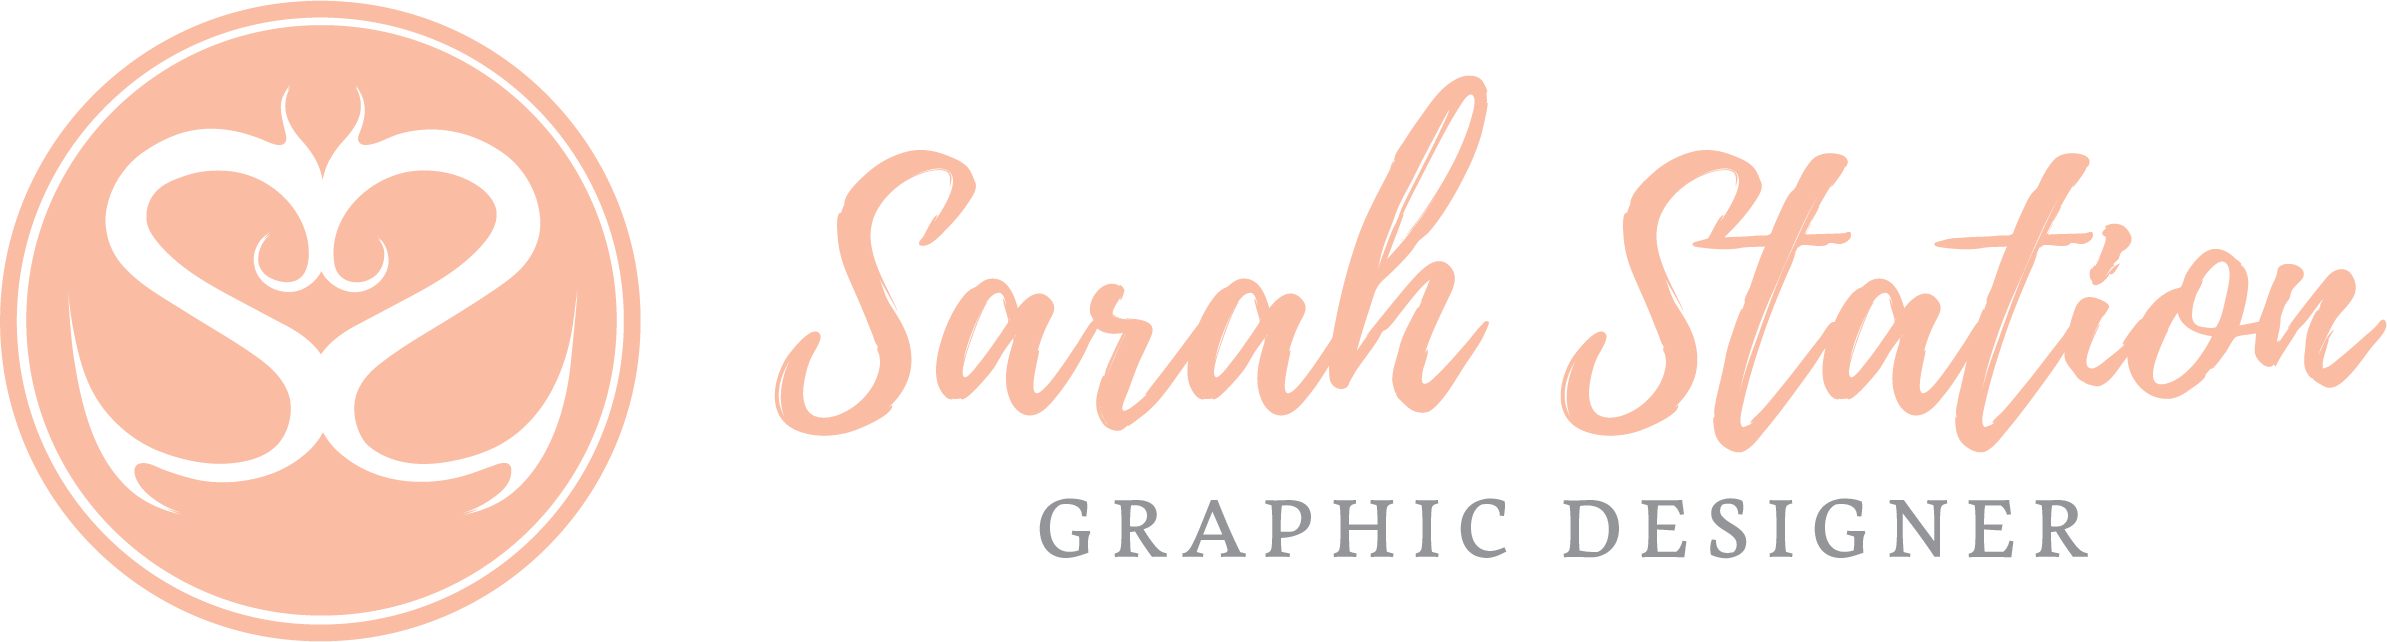 sarah station